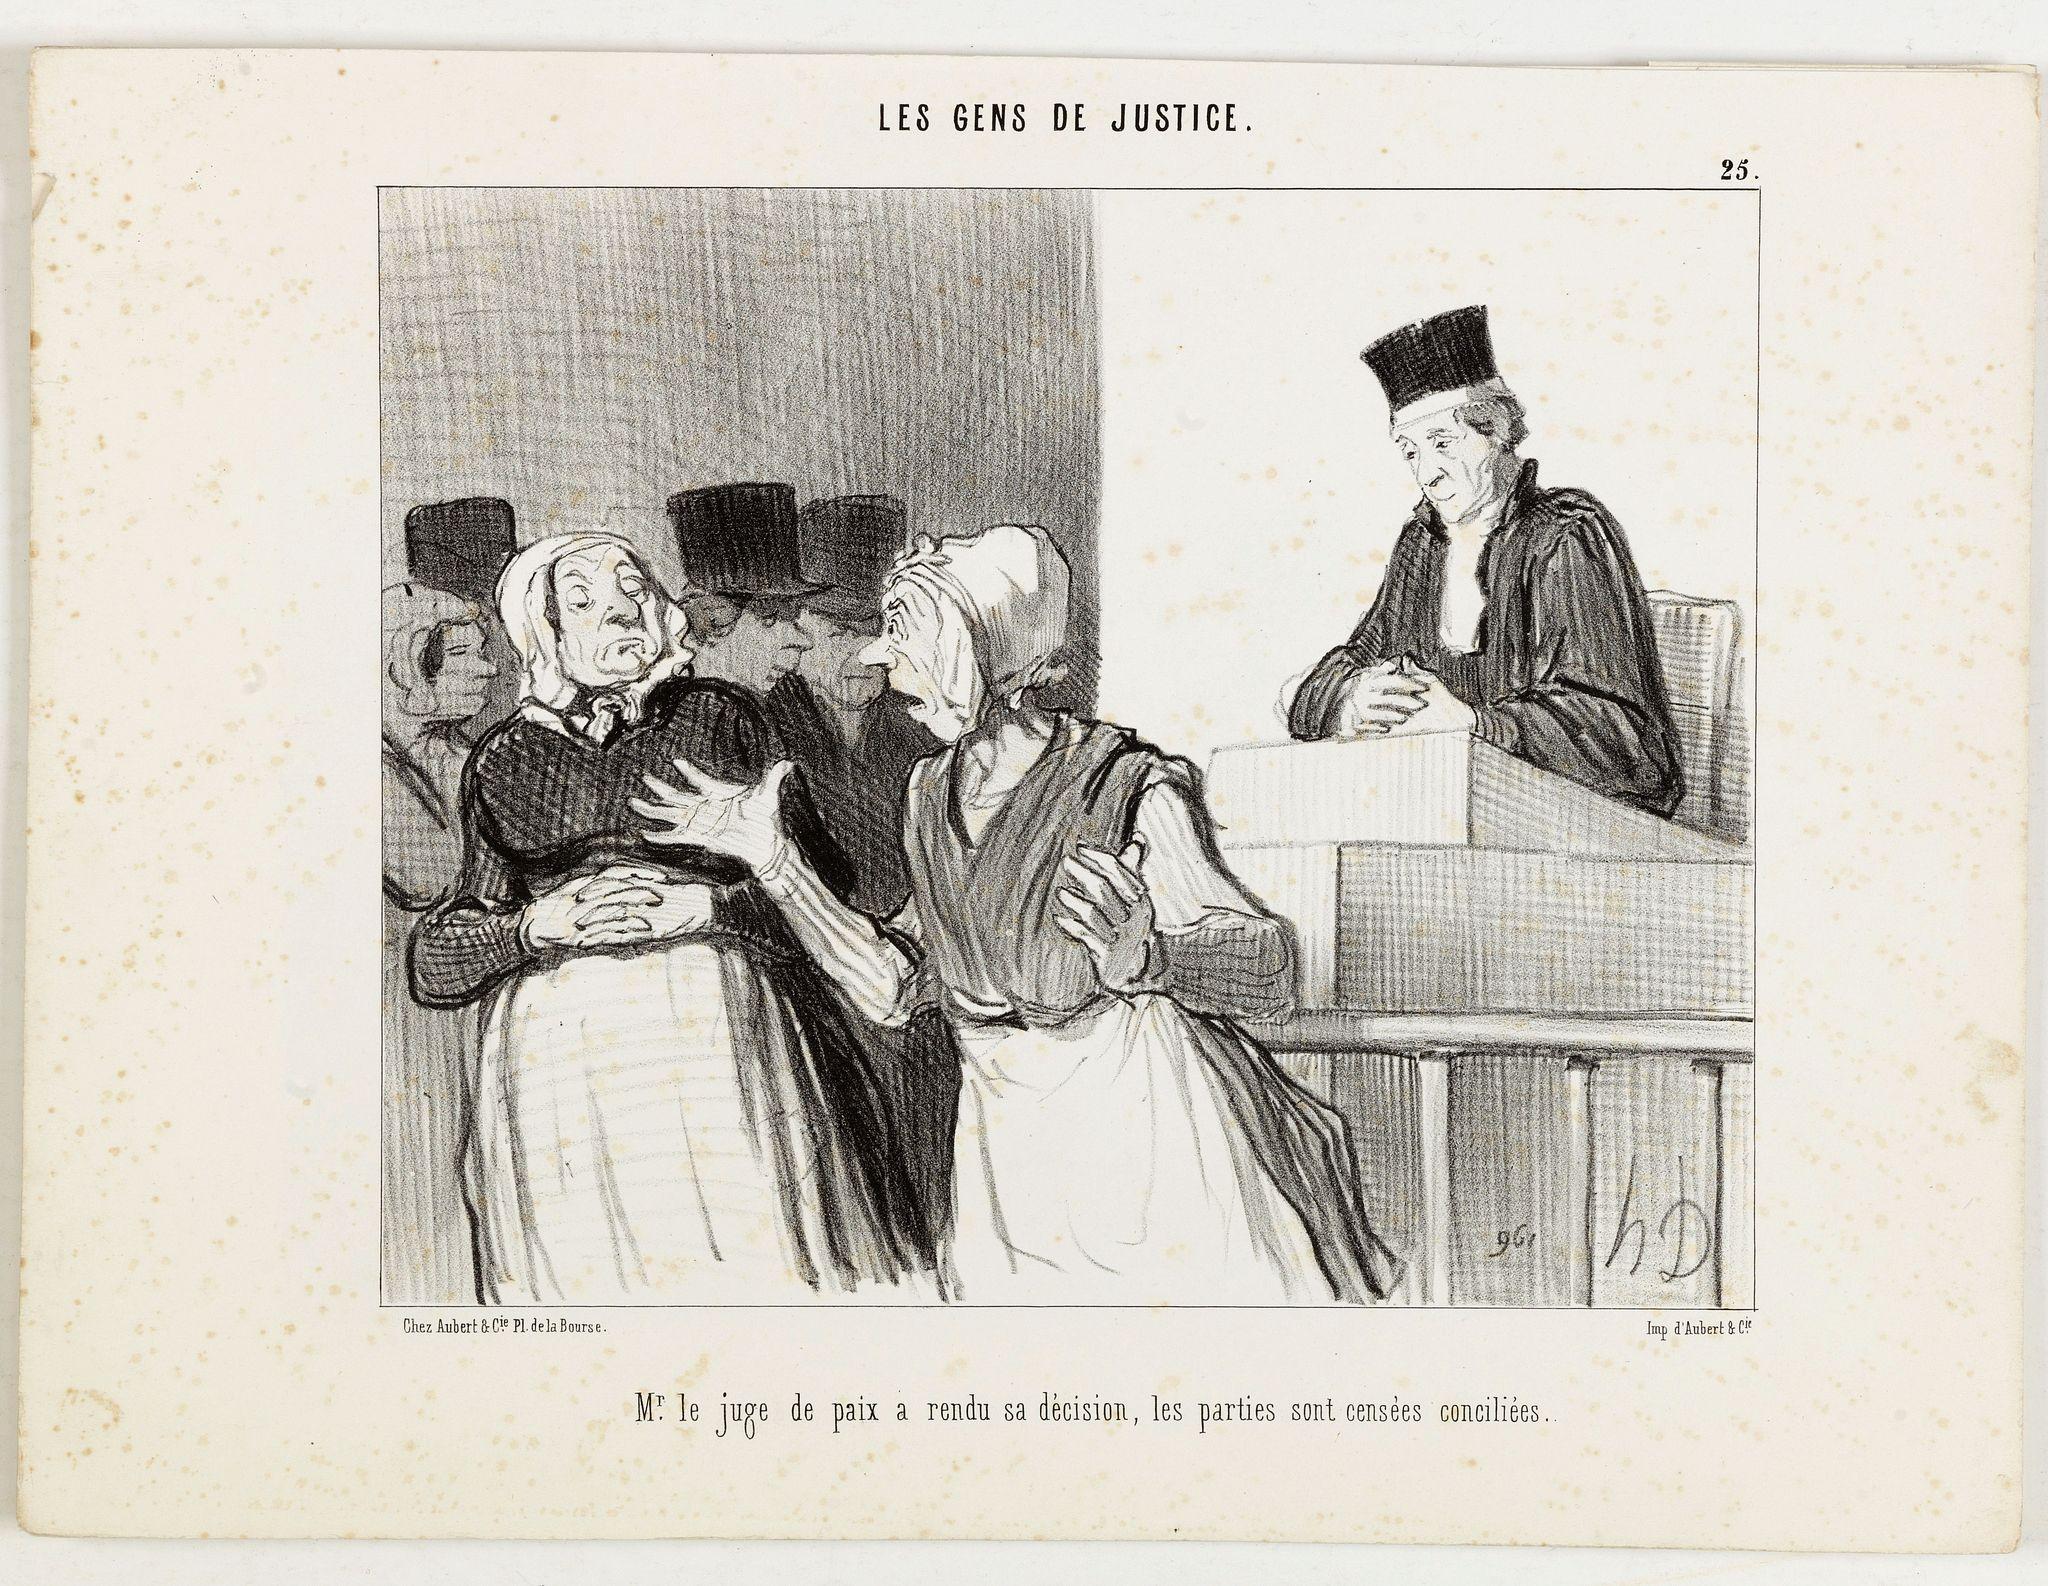 DAUMIER, H. -  Les Gens de Justice. - Mr. le juge de paix a rendu sa décision, le sparties sont censées conciliées.